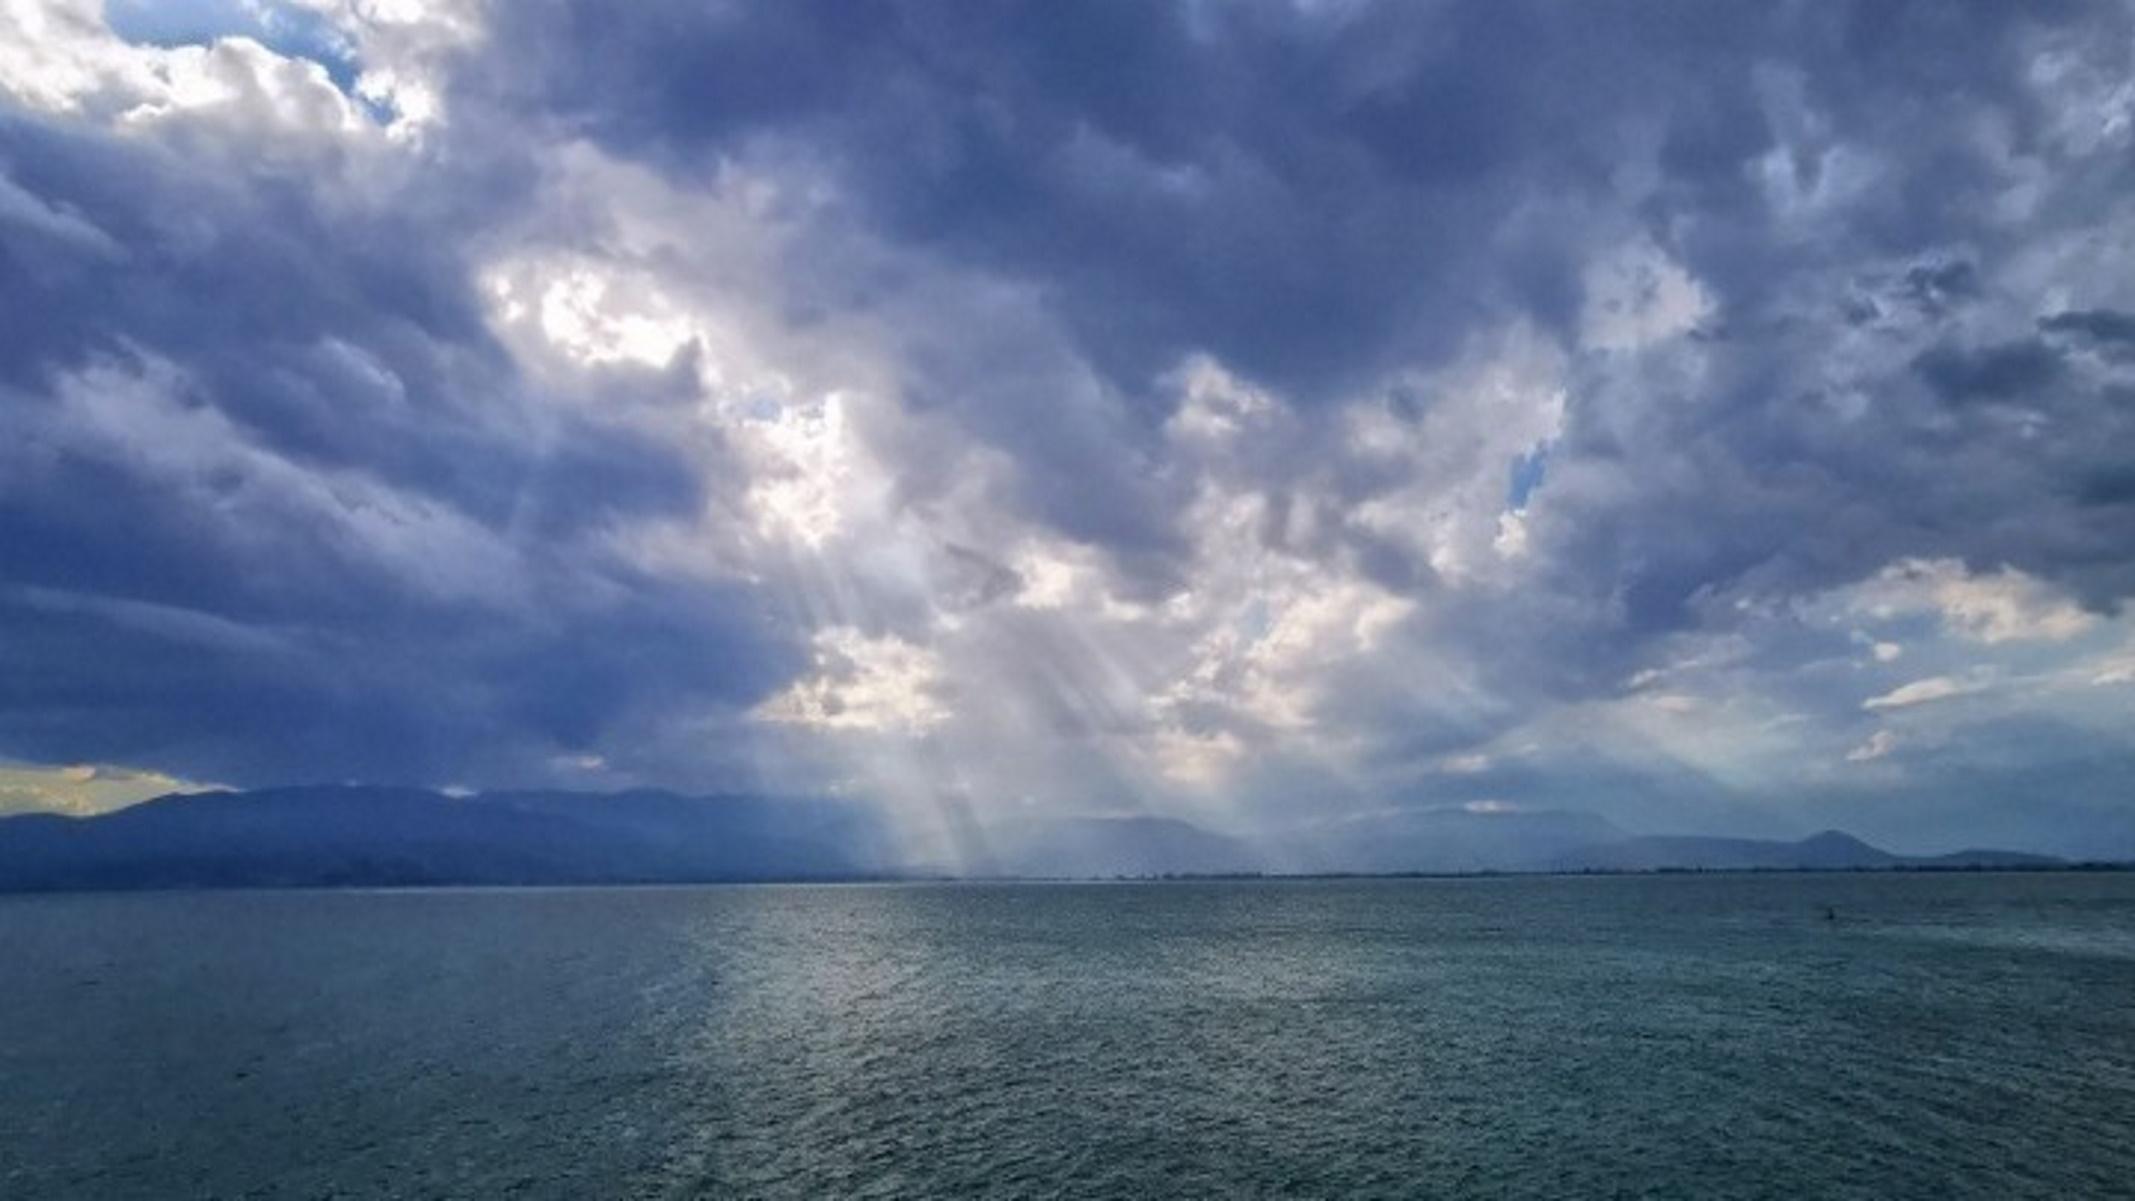 Καιρός αύριο: Πού θα βρέχει την Πέμπτη (01/09) – Αναλυτική πρόγνωση